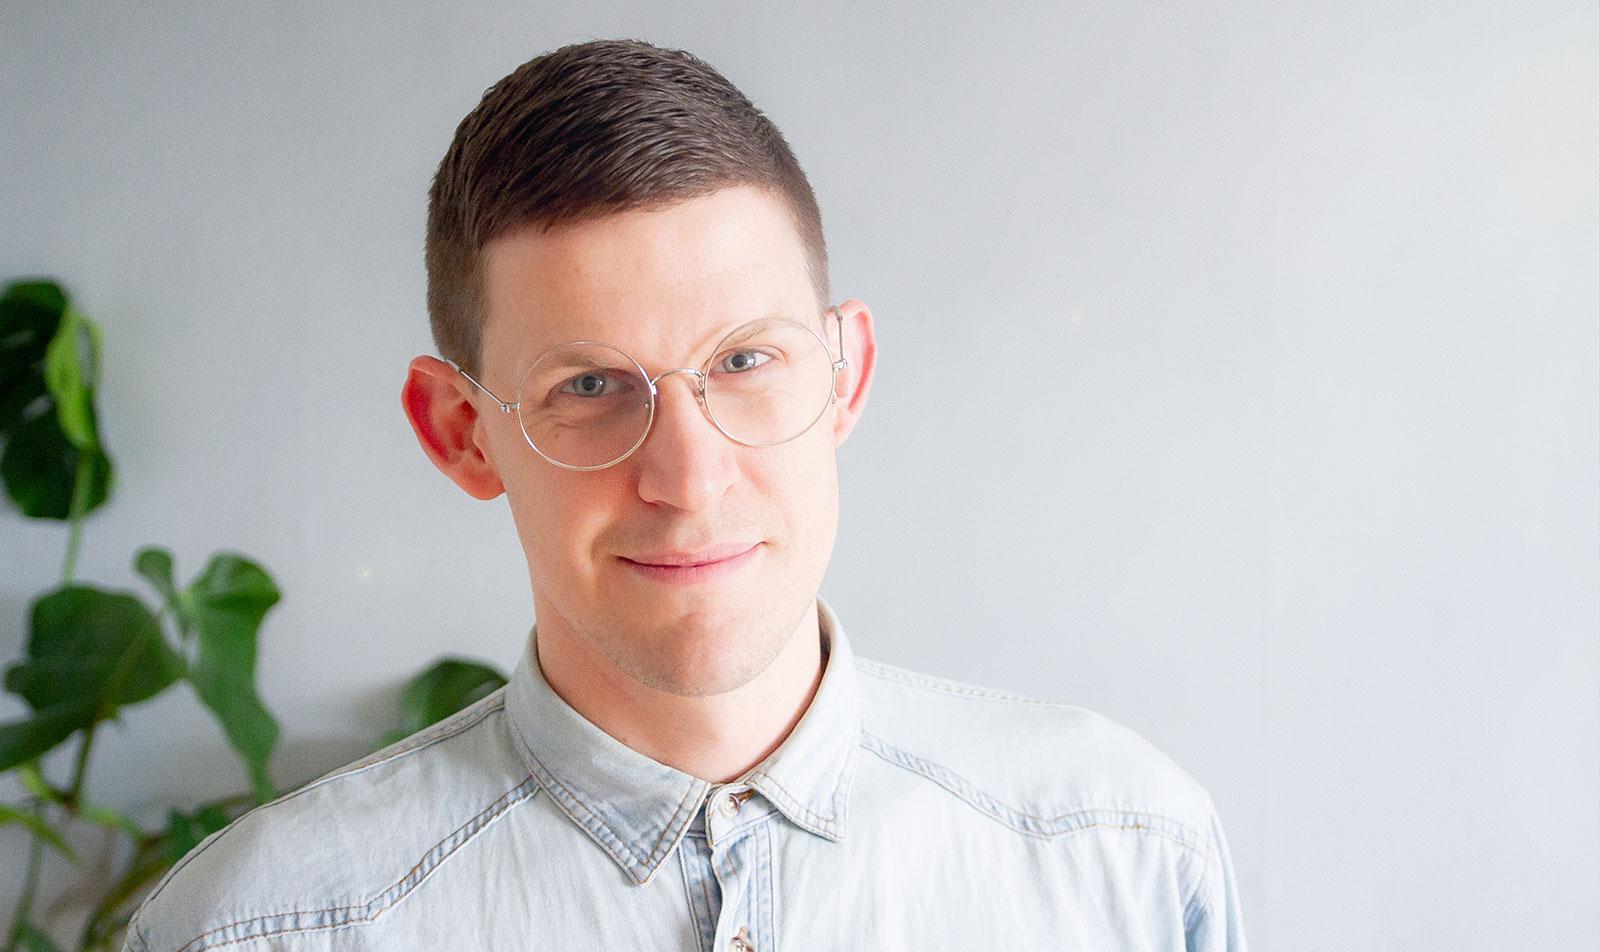 Kalle Norwald är sexolog och terapeut. Han är bland annat aktuell som expert i SVT:s succéserie Gifta vid första ögonkastet.